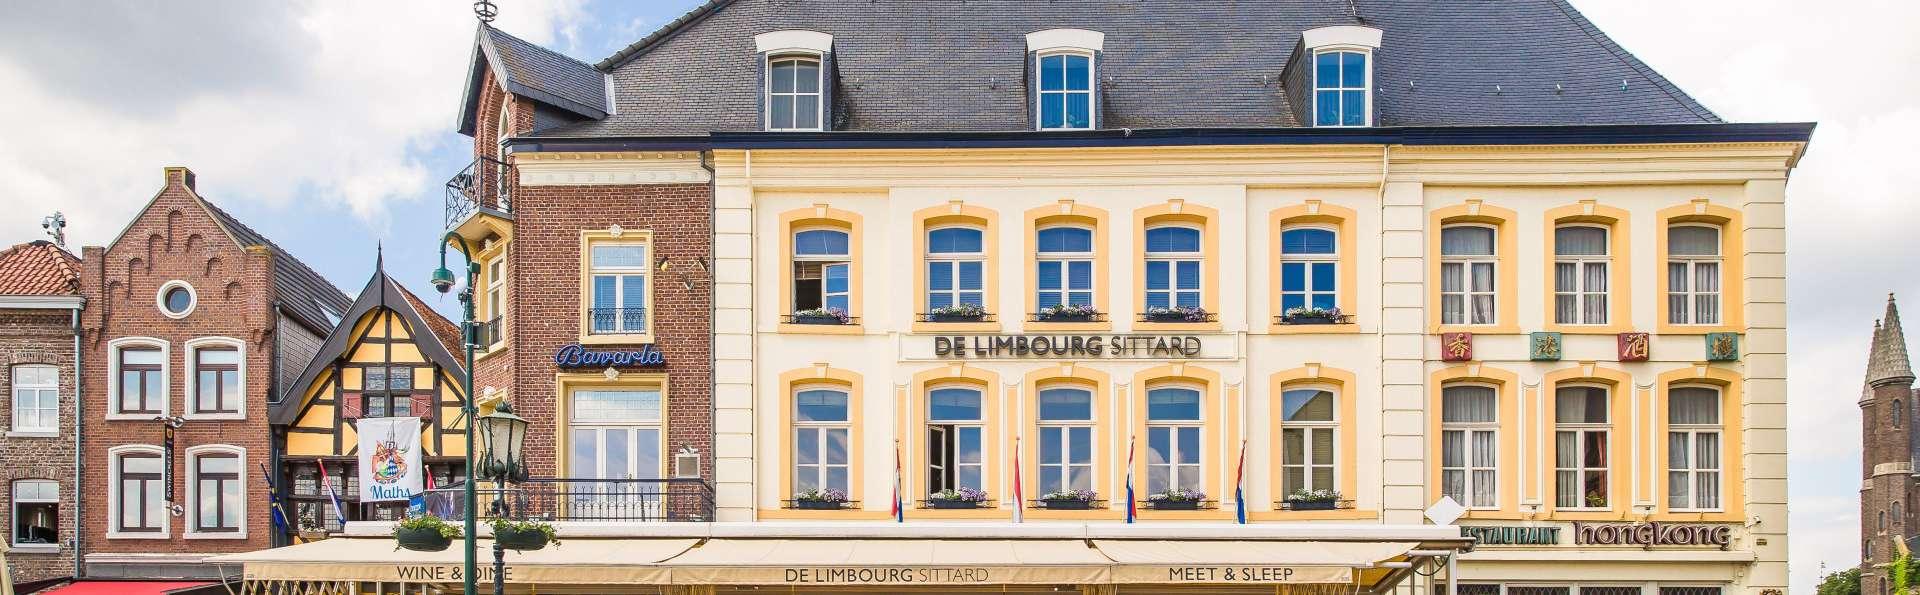 De Limbourg Sittard - De_Limbourg.jpg